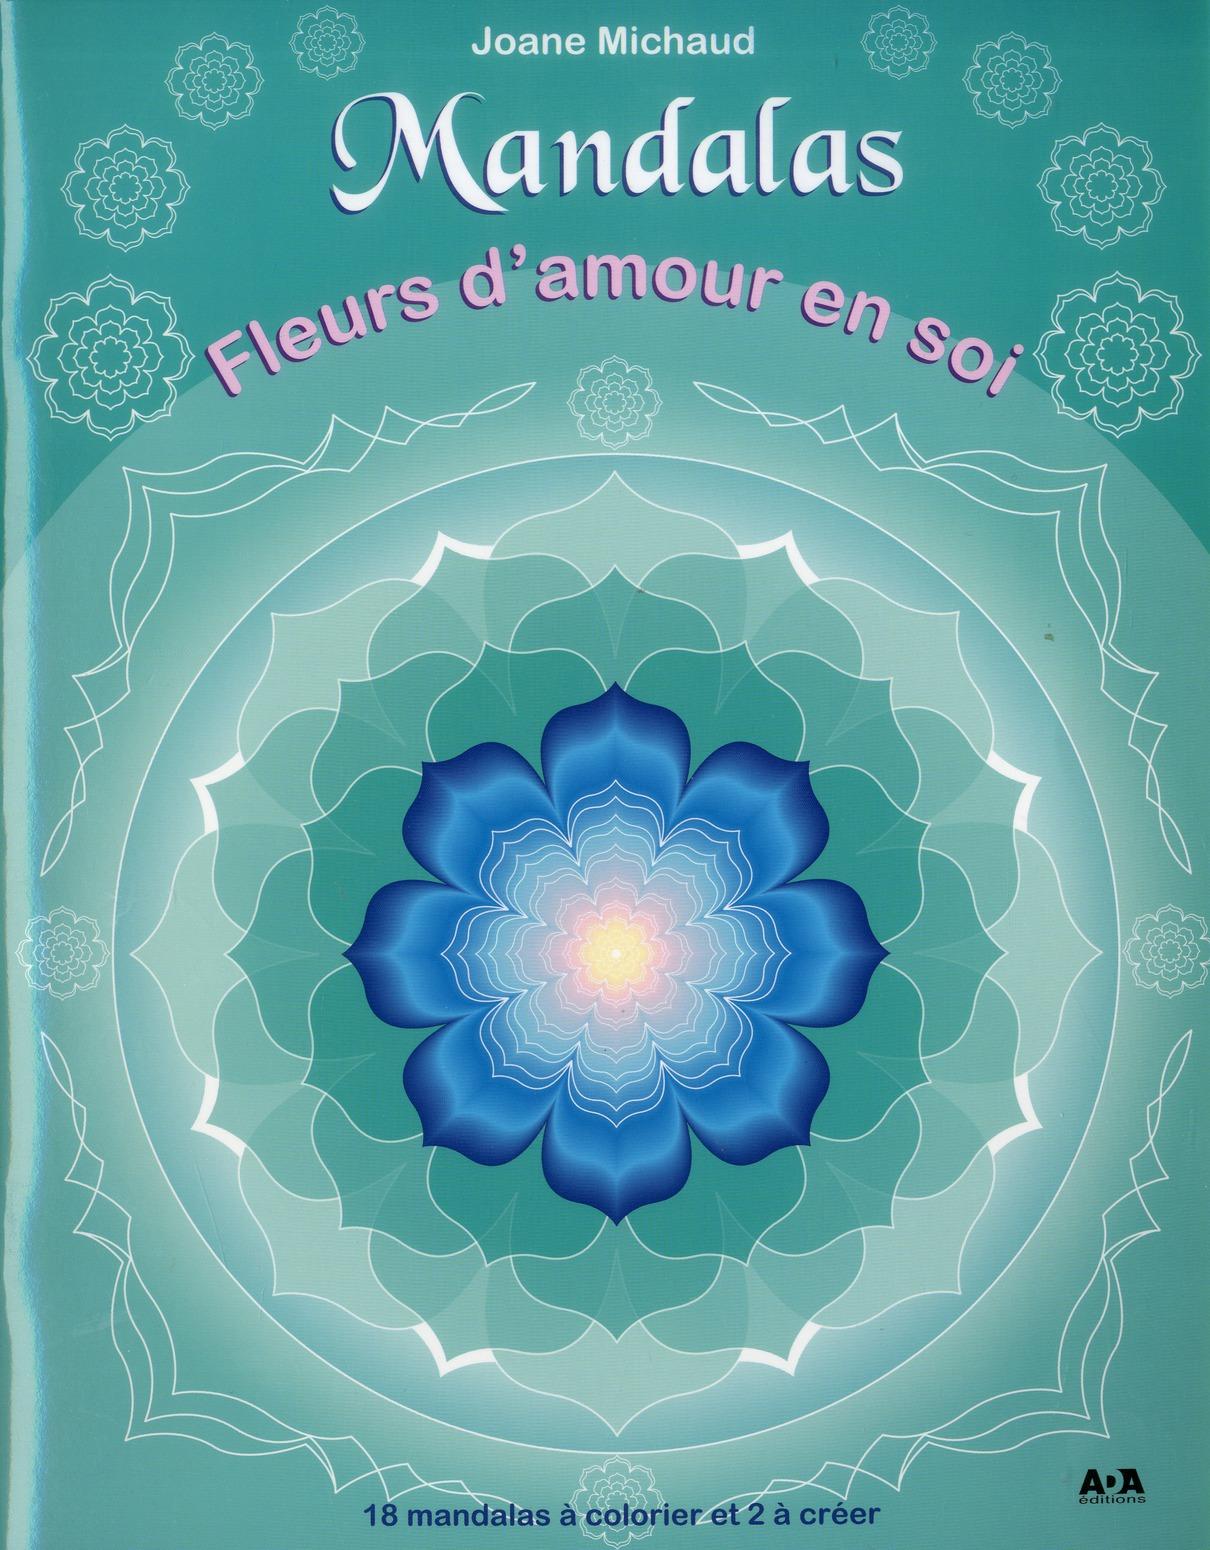 MANDALAS - FLEURS D'AMOUR EN SOI